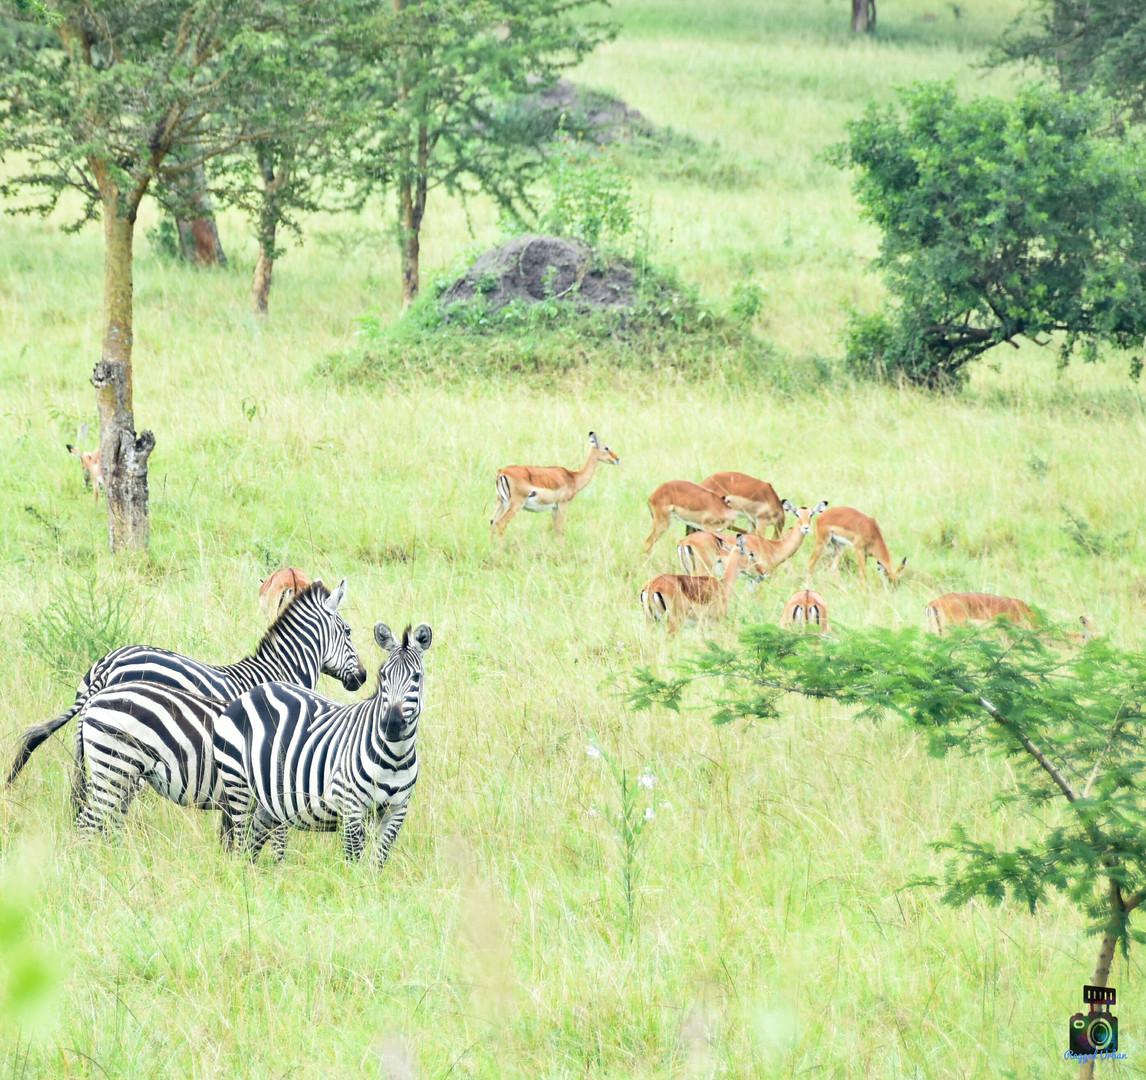 Zebras | Queen Elizabeth Park | Wild troopers